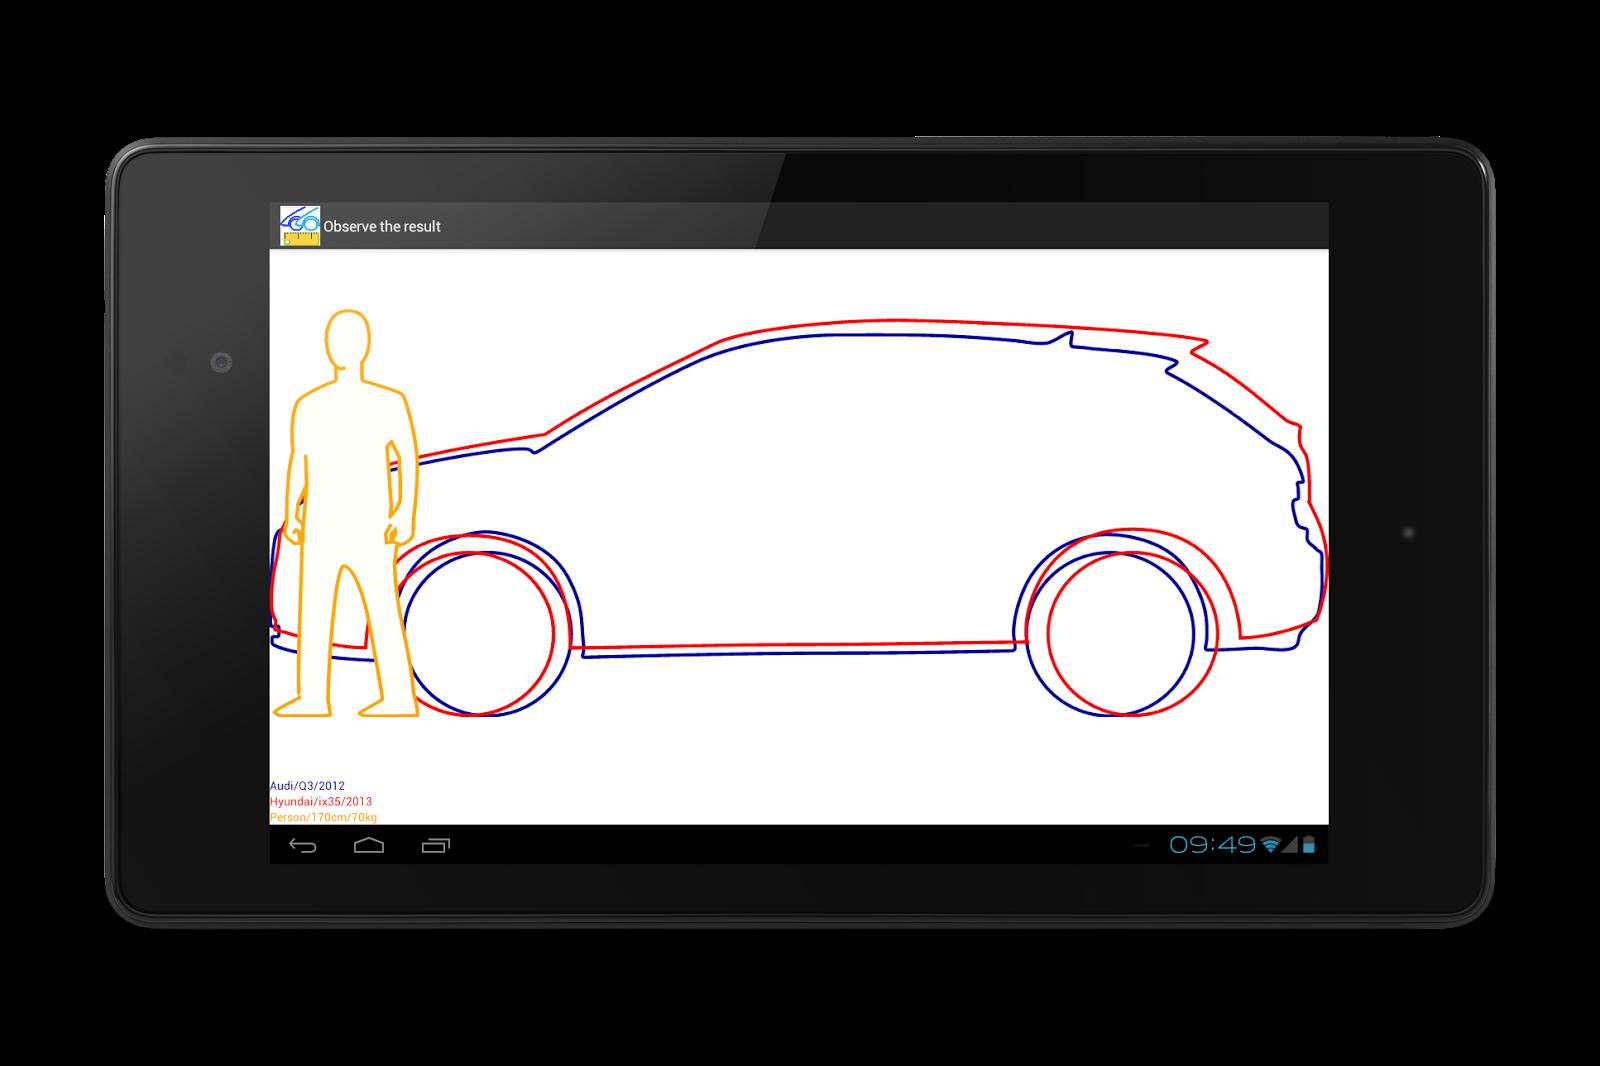 Audi q3 2012 vs hyundai ix35 2013 compare dimensions visually www car compare org compare